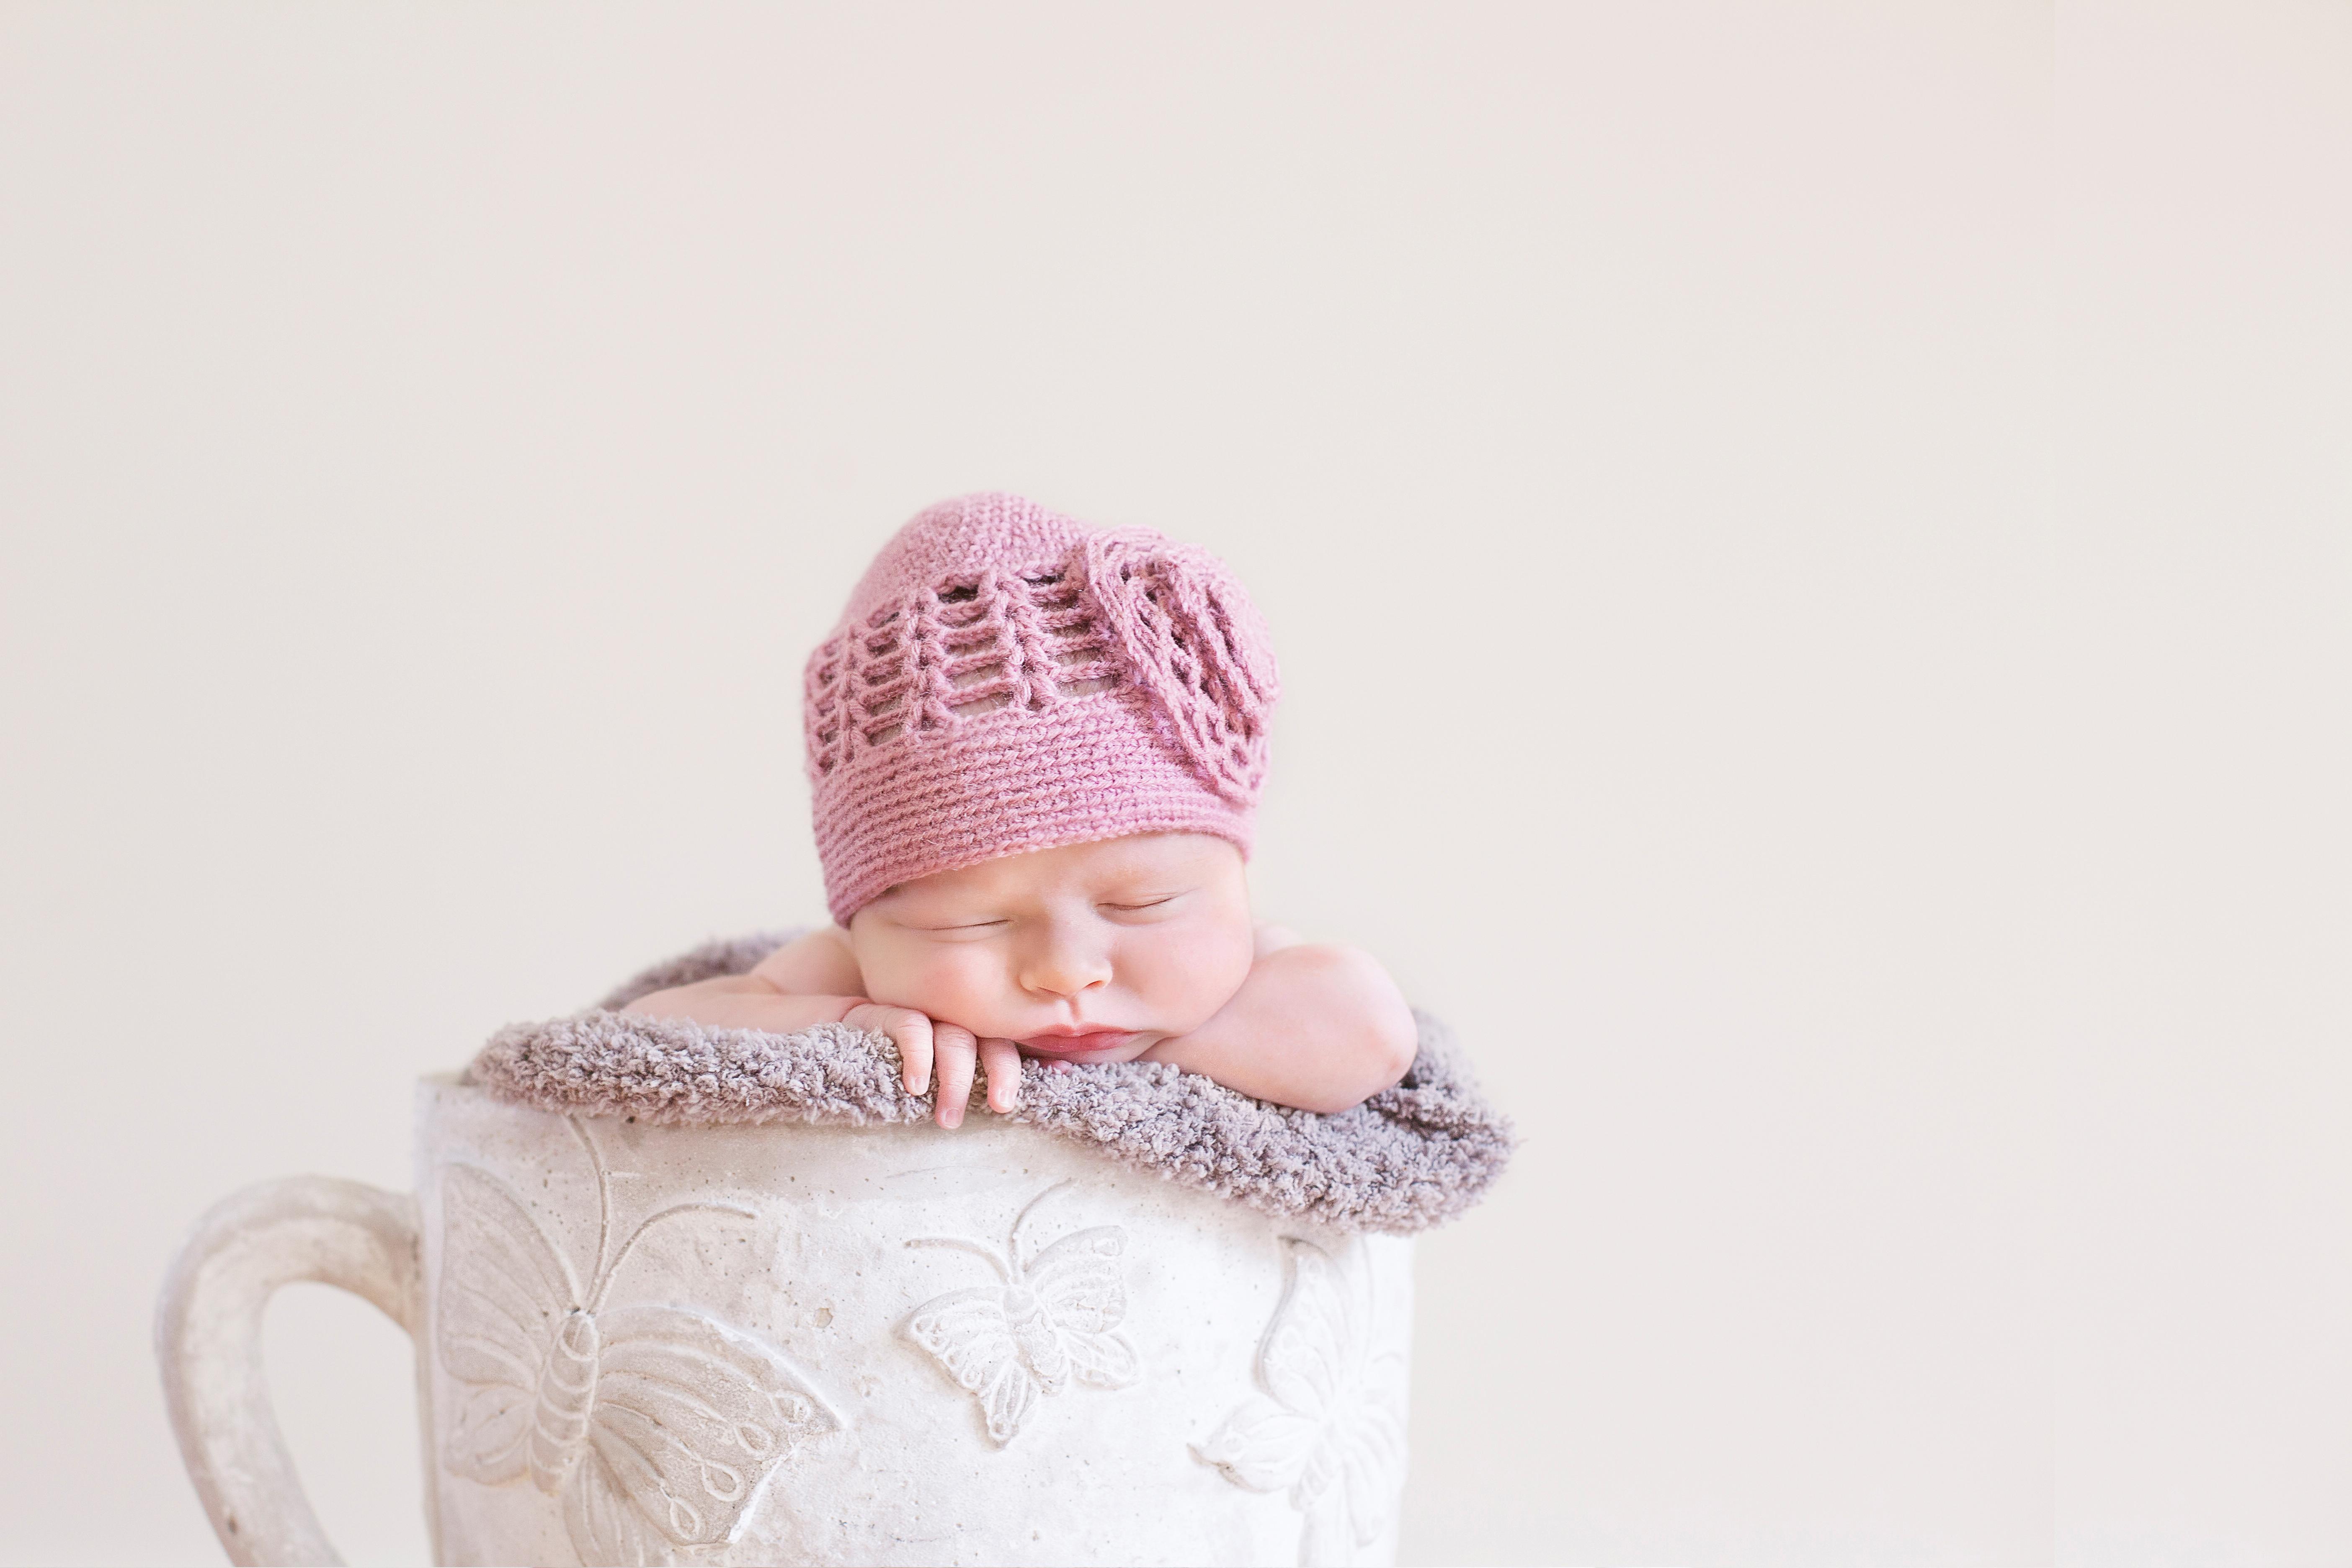 photographe-bebes-nouveau-ne-seance-sur-mesure-paris